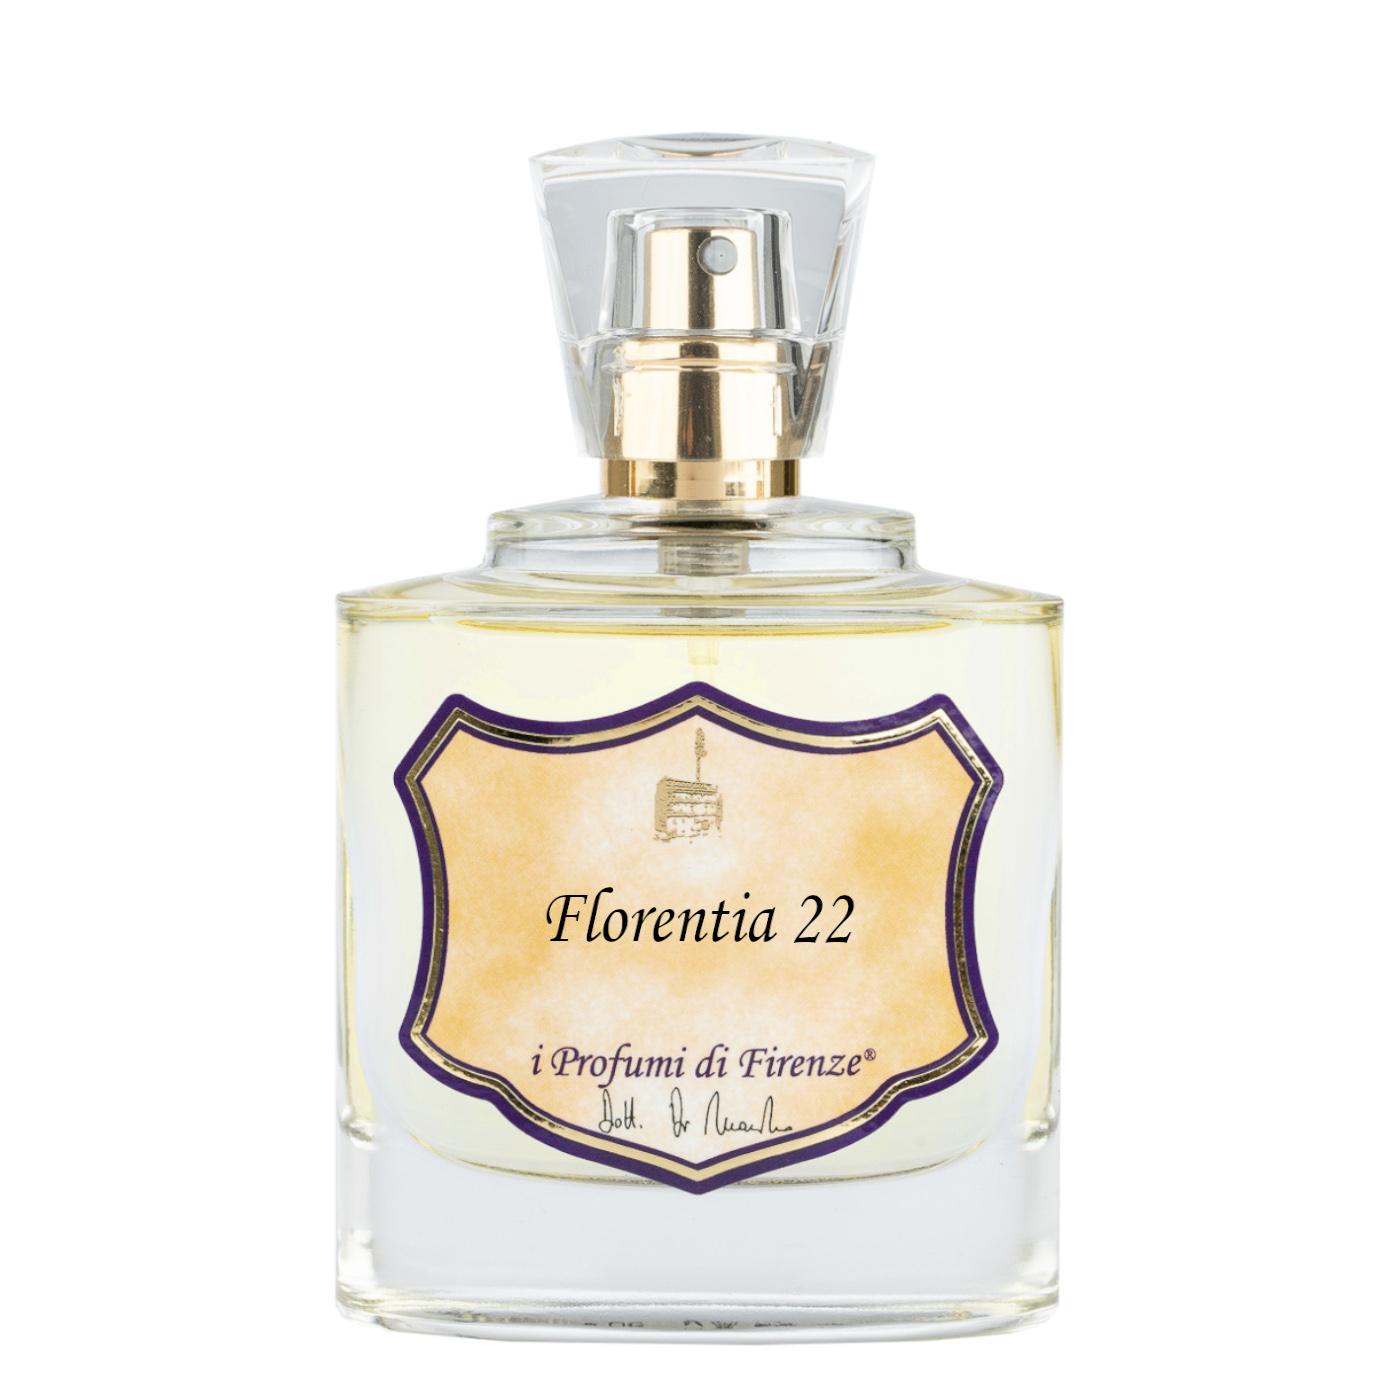 FLORENTIA 22 PESCA E FIORI - Eau de Parfum-4134